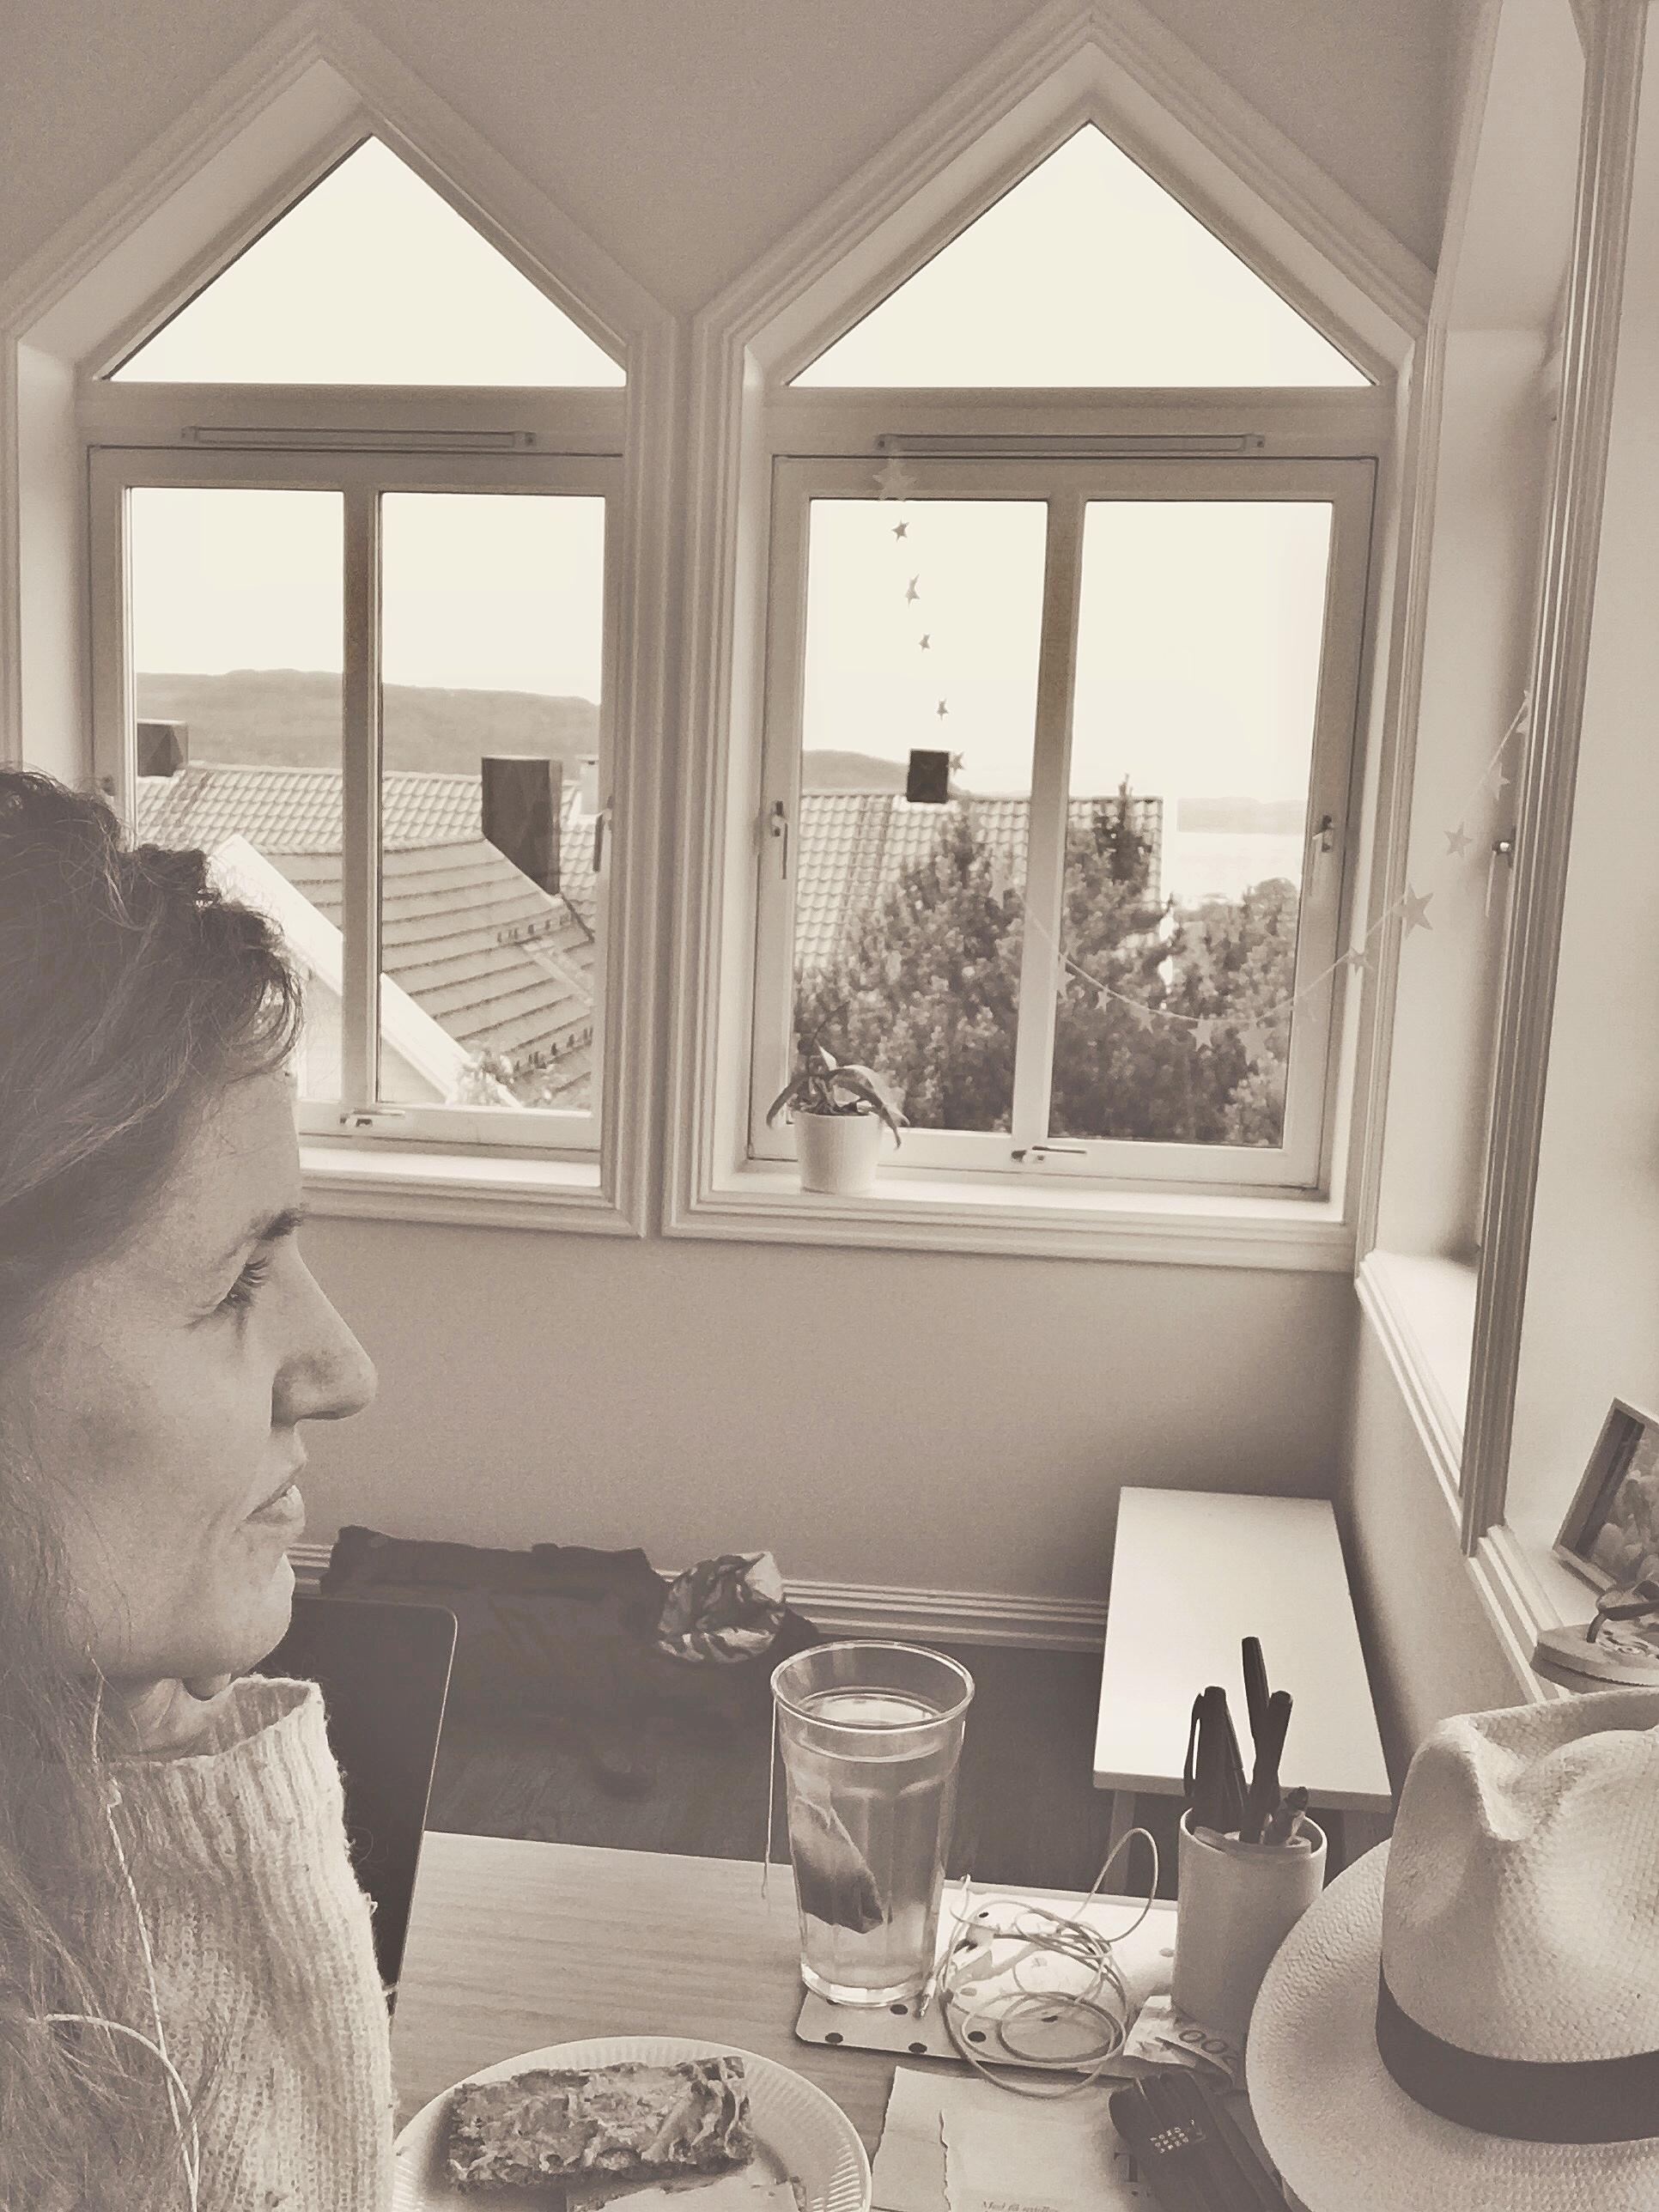 blog julie ag julieag.dk woman blogger expat farvel see you later lana del rey eftertanke